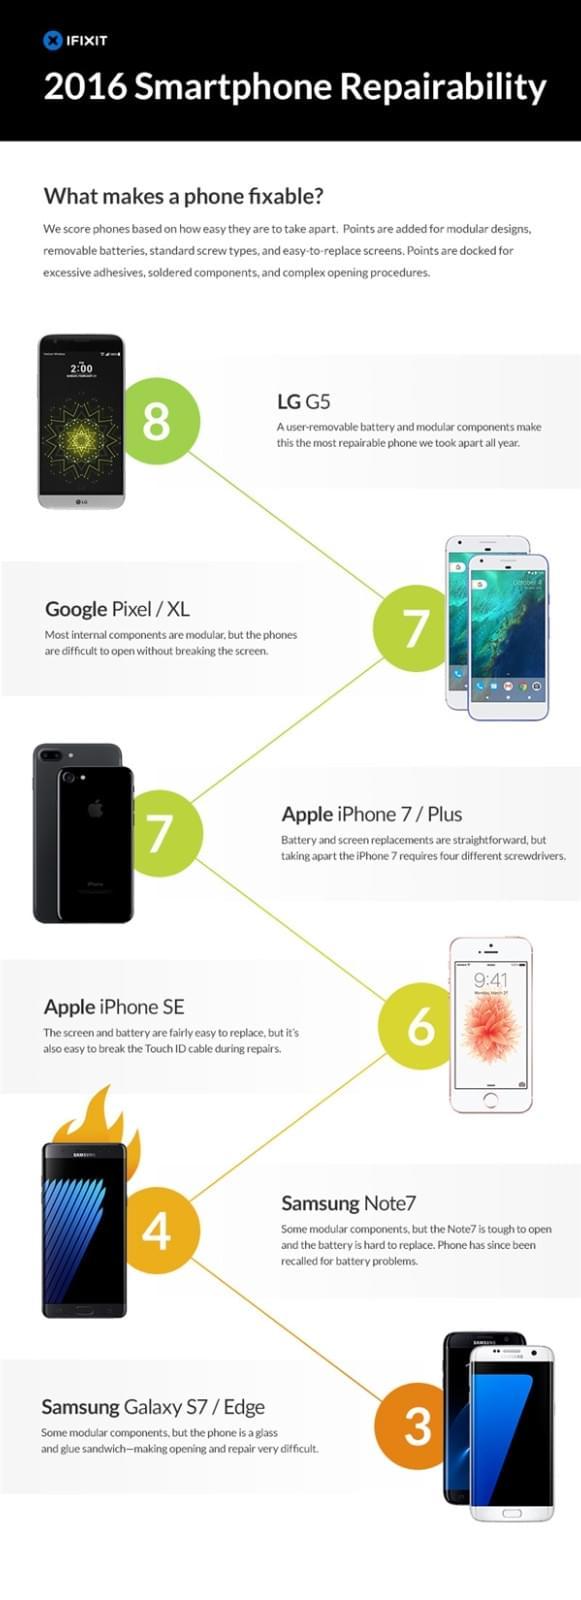 """2016手机拆解维修榜:三星Note7、S7真是""""硬骨头""""的照片 - 2"""